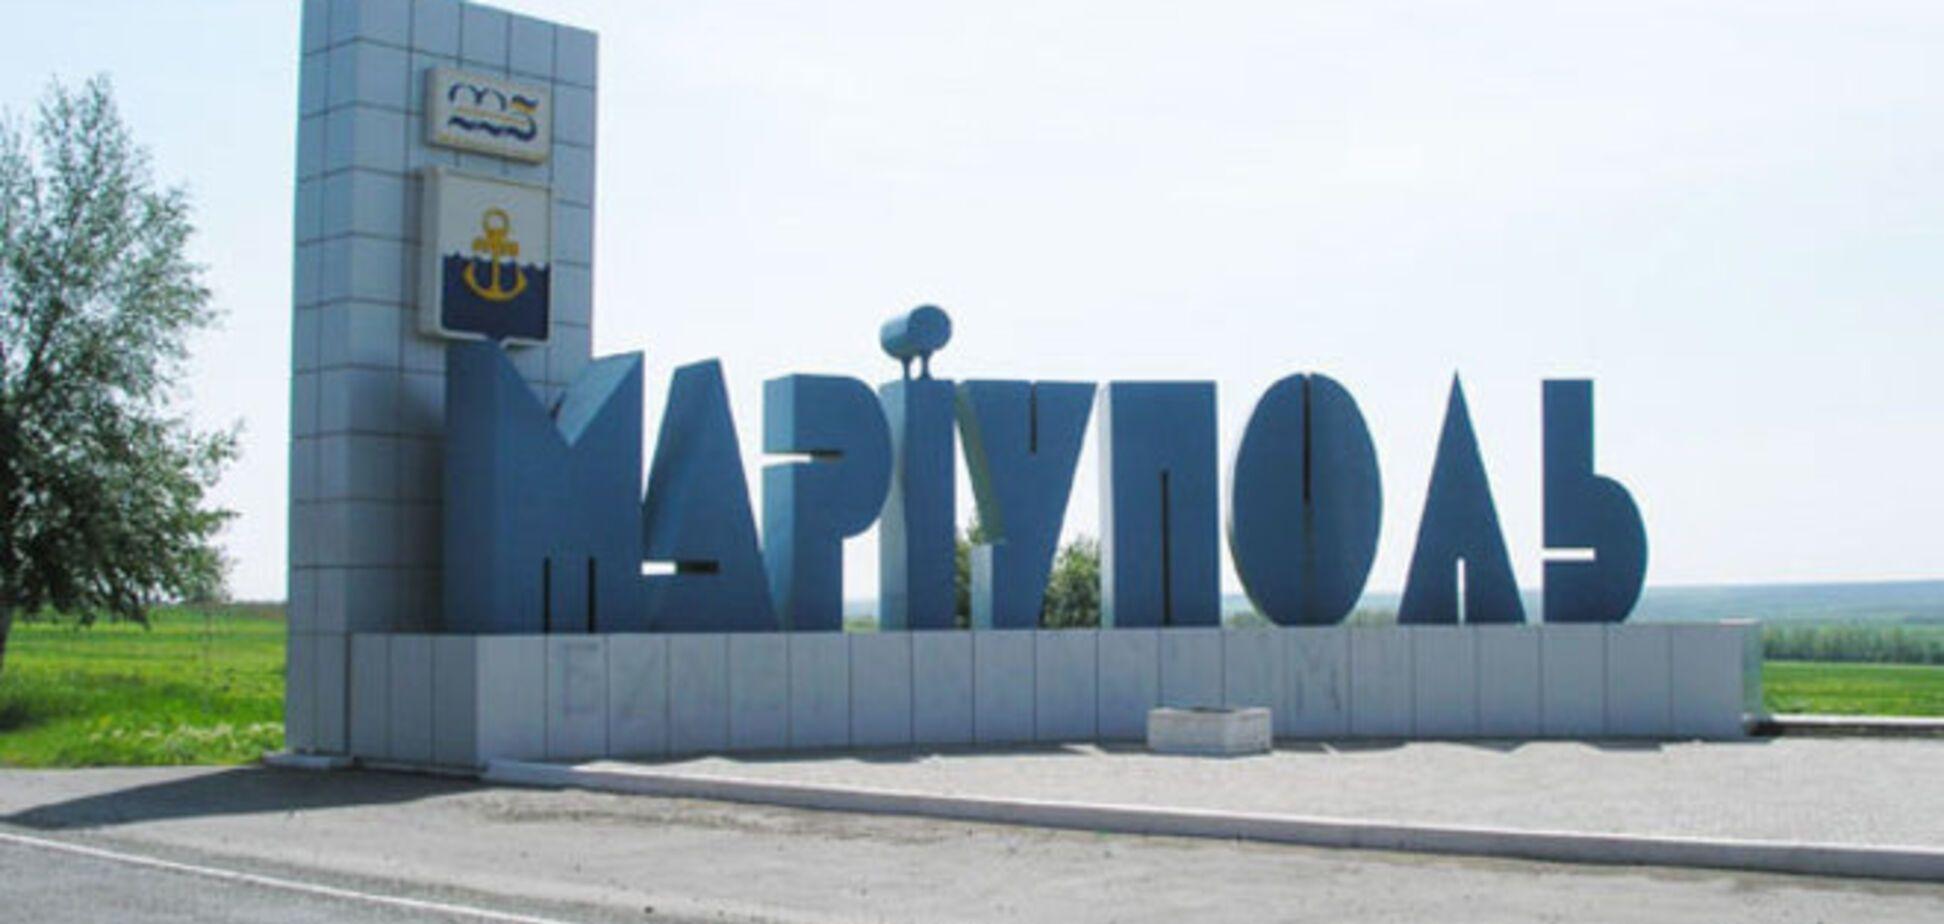 Обстреляны позиции сил АТО в районе Павлополя, продвижения на Мариуполь нет - горсовет